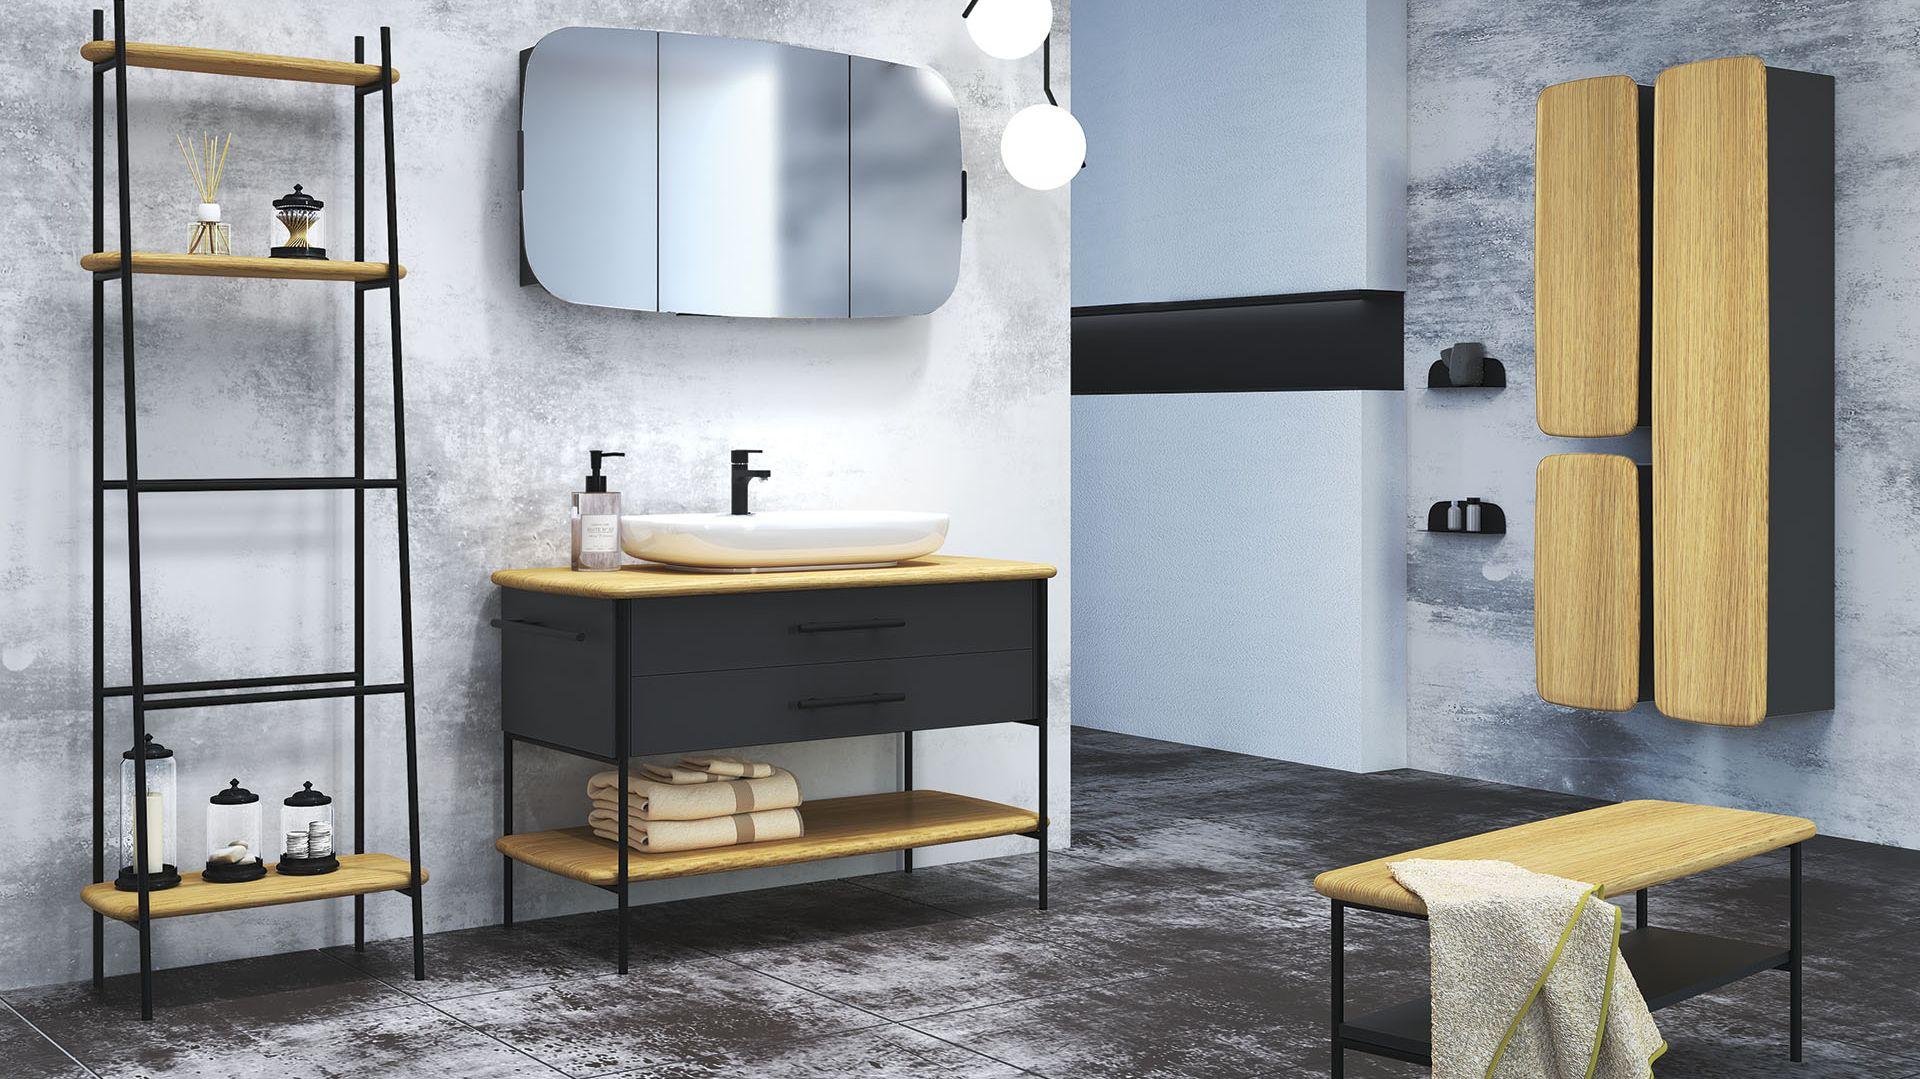 Nowoczesne meble łazienkowe z kolekcji Oval marki Devo. Fot. Devo